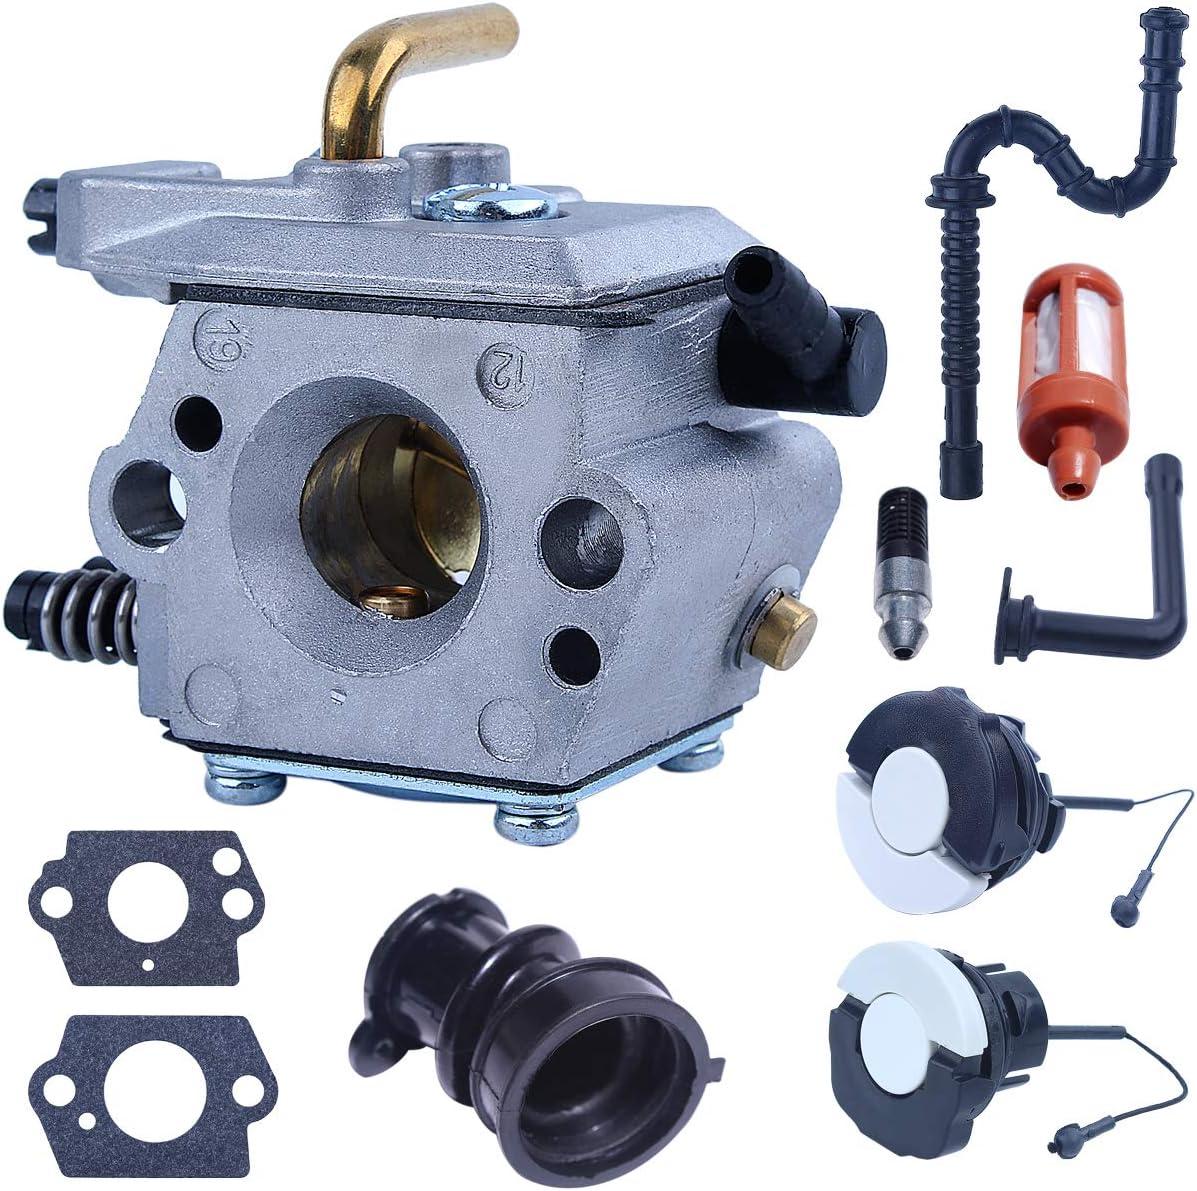 Mtanlo Carburateur WT-194 M/étal pour Stihl 024 026 MS240 MS260 MS240 260 Walbro WT-194 1121 120 0611 avec Bouchons de R/éservoir dEssence Admission de Carburateur Tube dHuile Filtre /à Carburant